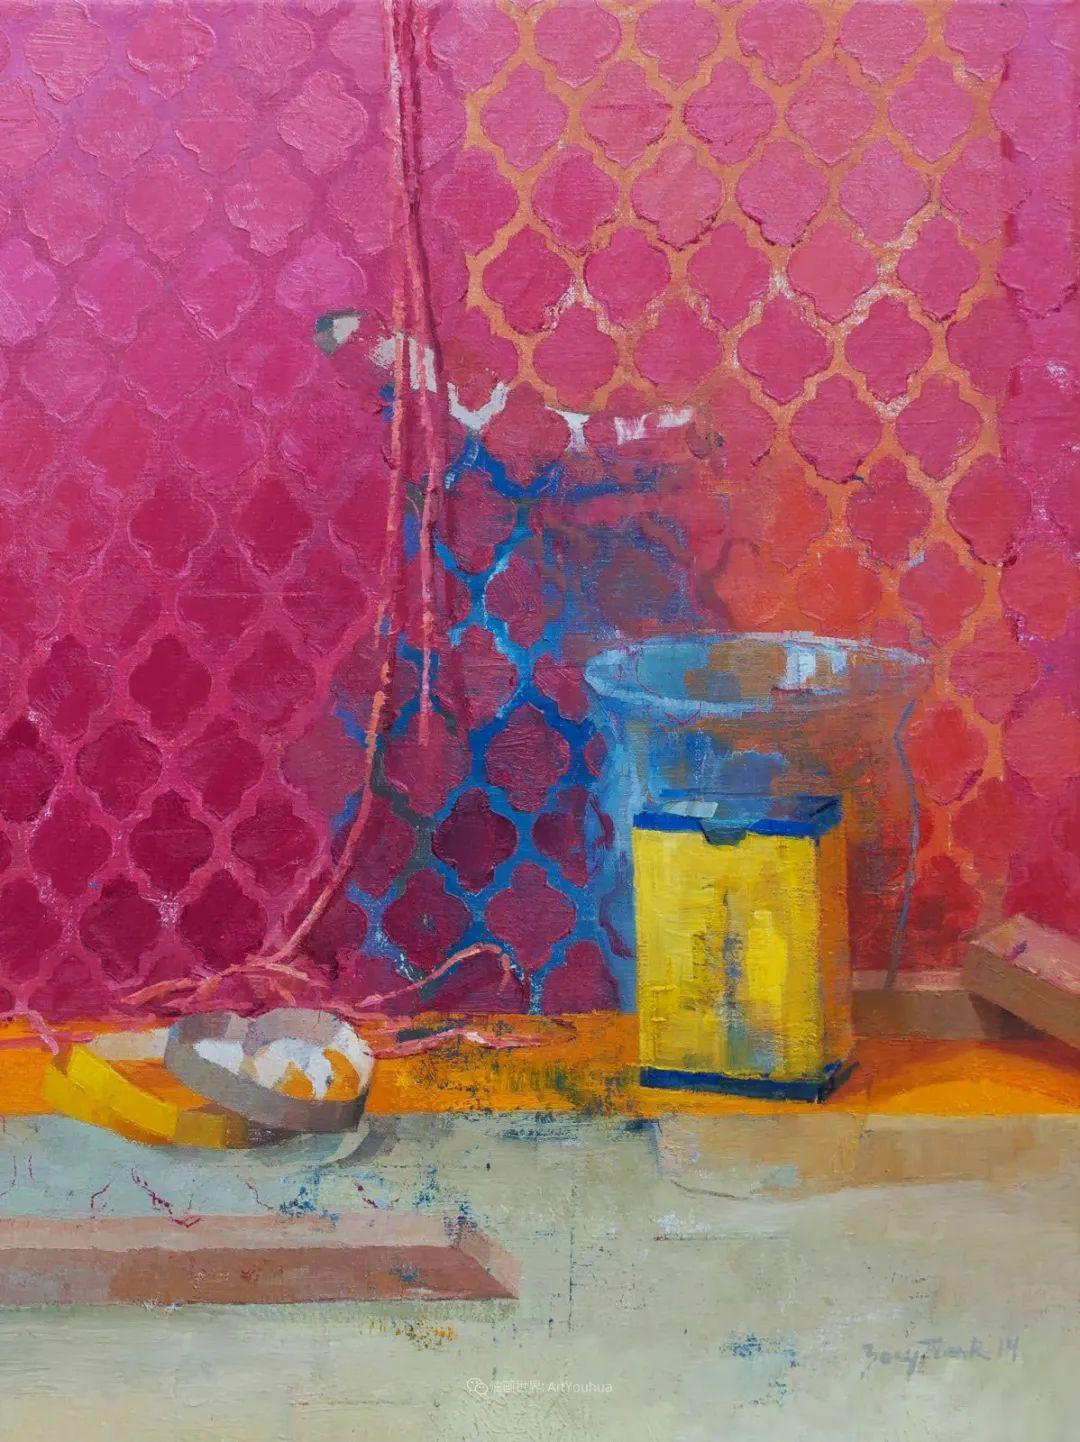 色彩新清的具象绘画,美国女画家佐伊·弗兰克插图2